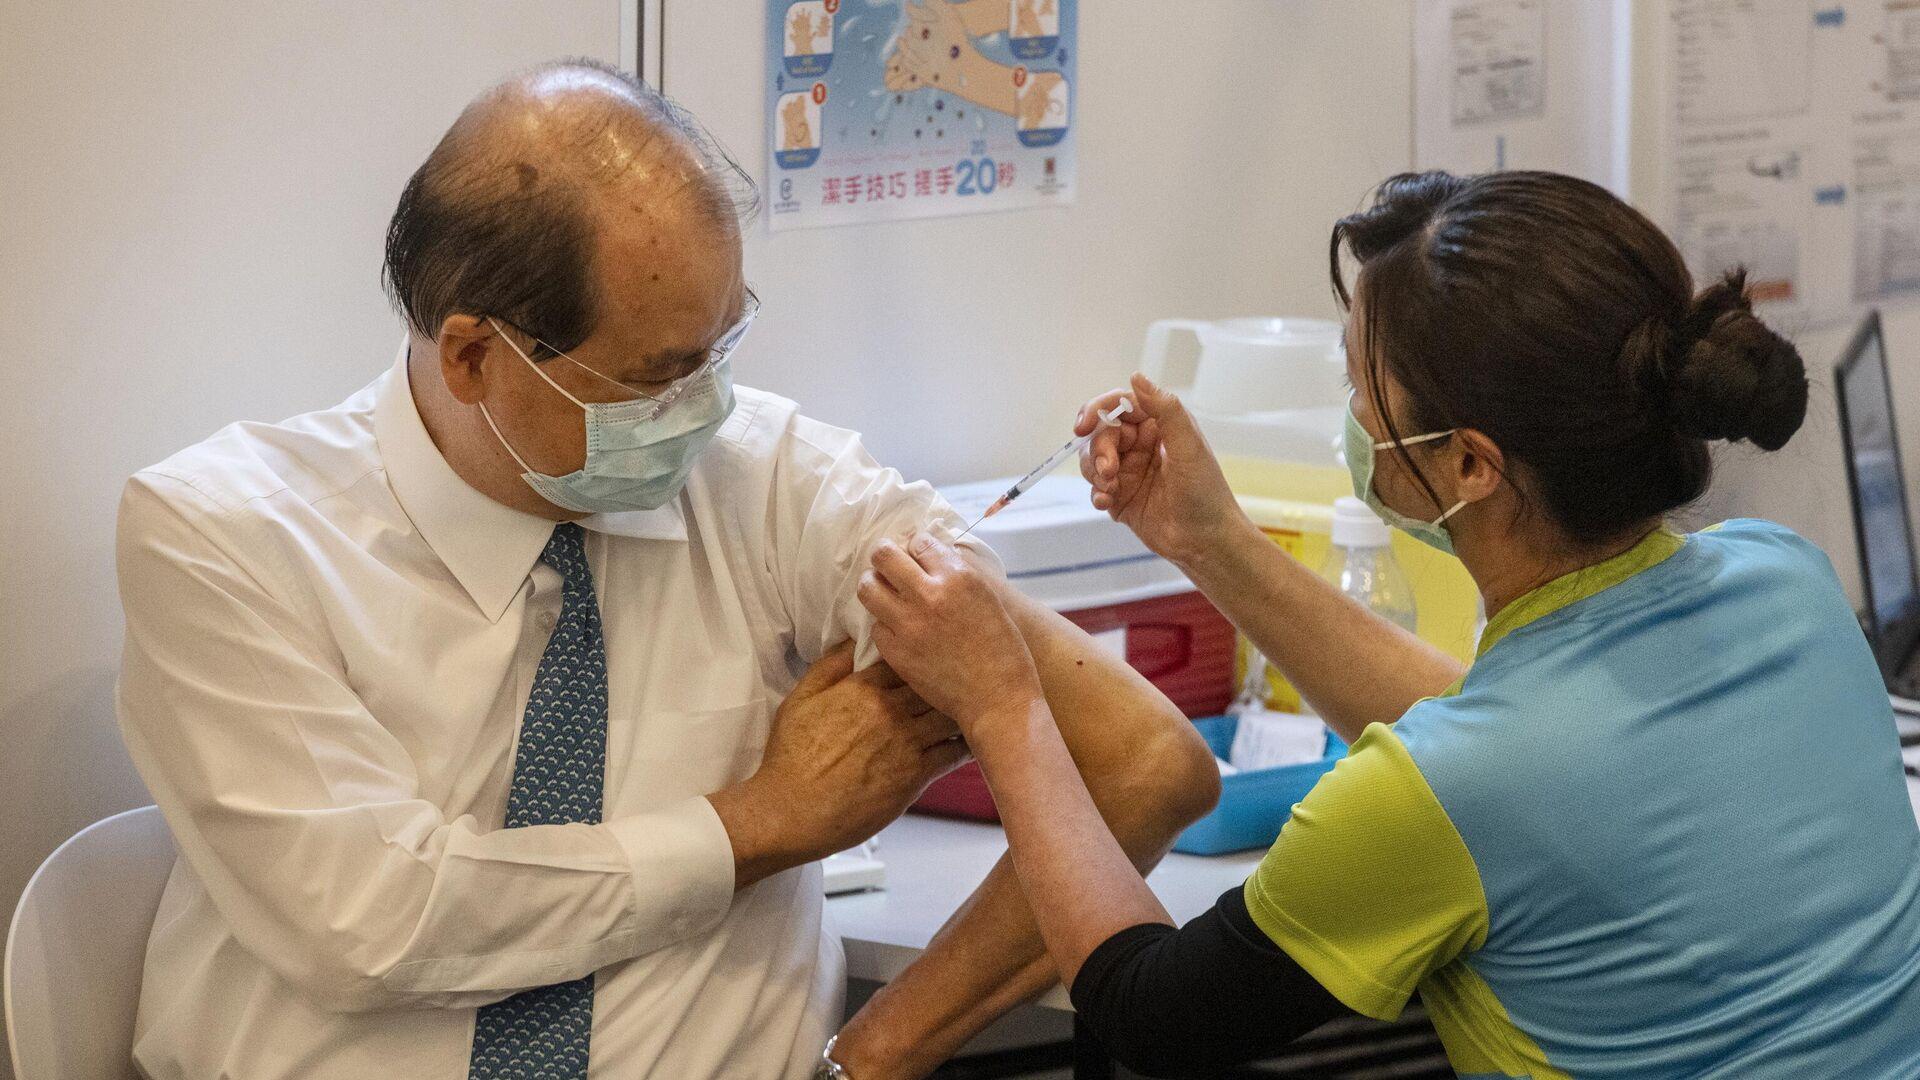 Главный секретарь Гонконга Мэтью Чунг делает прививку против COVID-19 вакциной CoronaVac компании Sinovac Biotech - РИА Новости, 1920, 07.03.2021